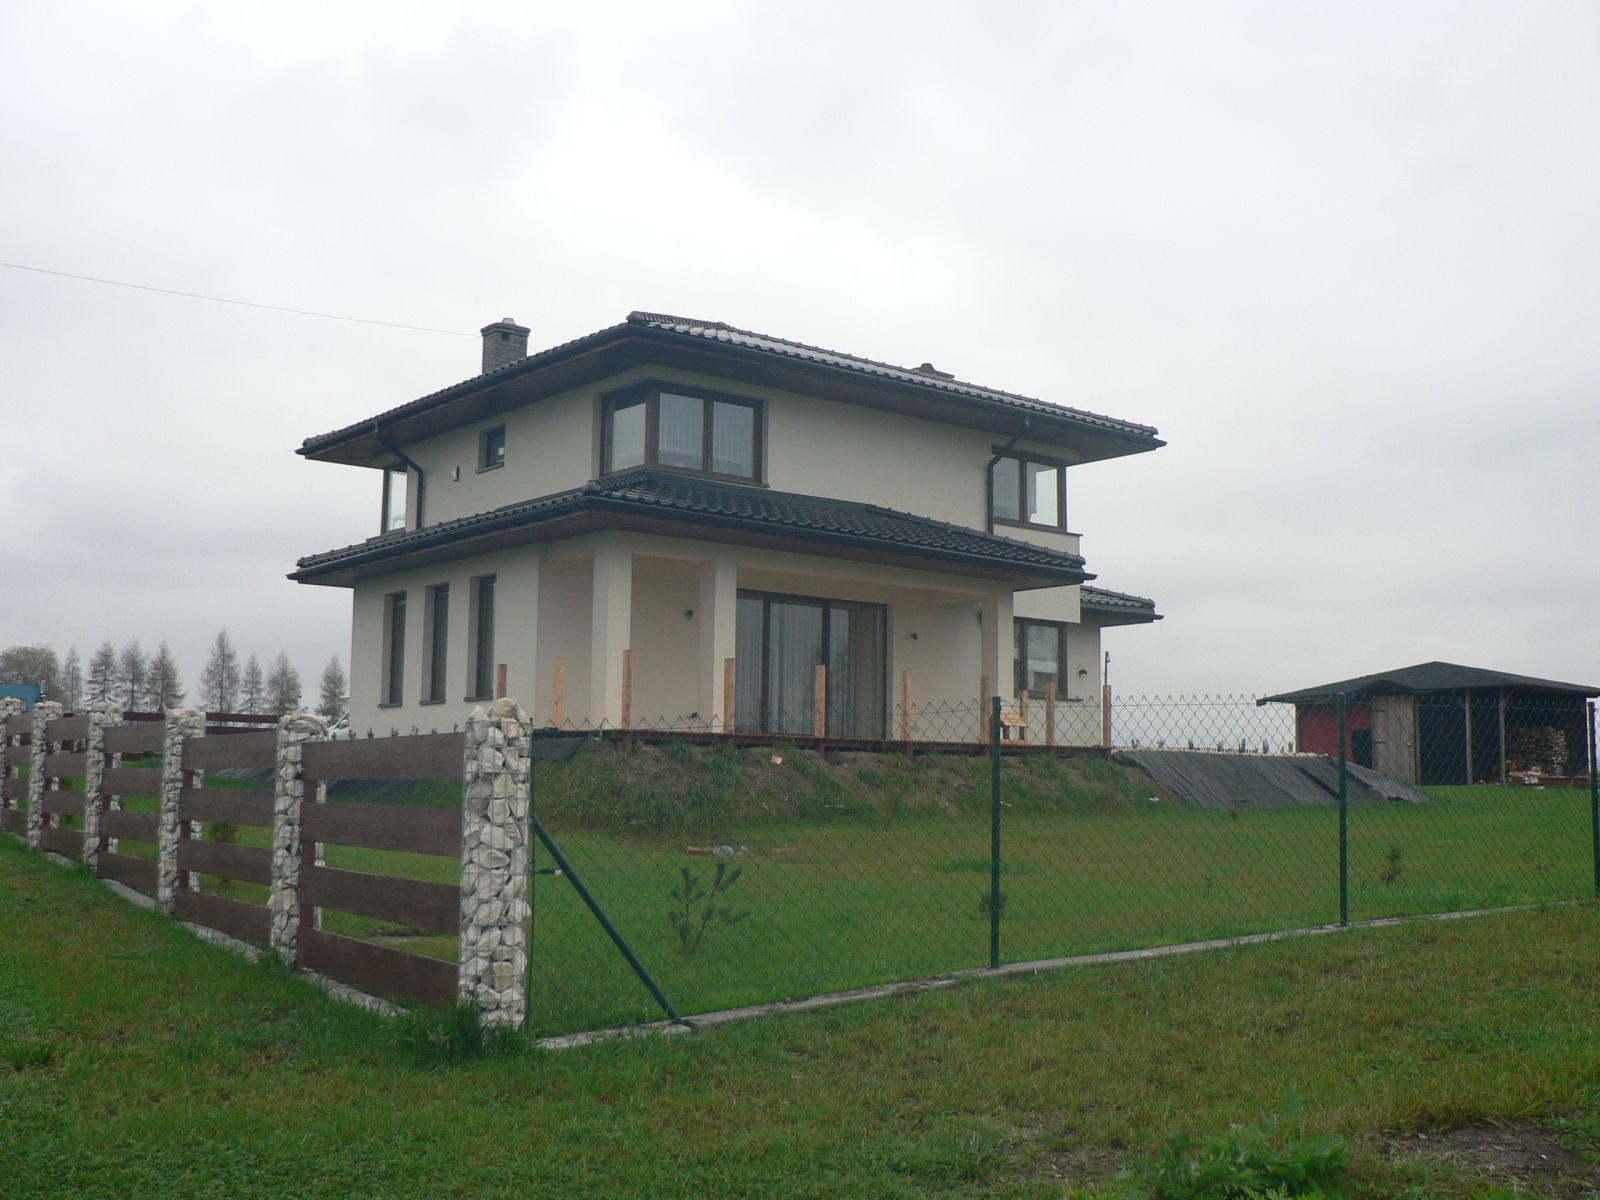 Строительство двухэтажного дома, площадью 224 м2 в стиле прерий, вид сзади